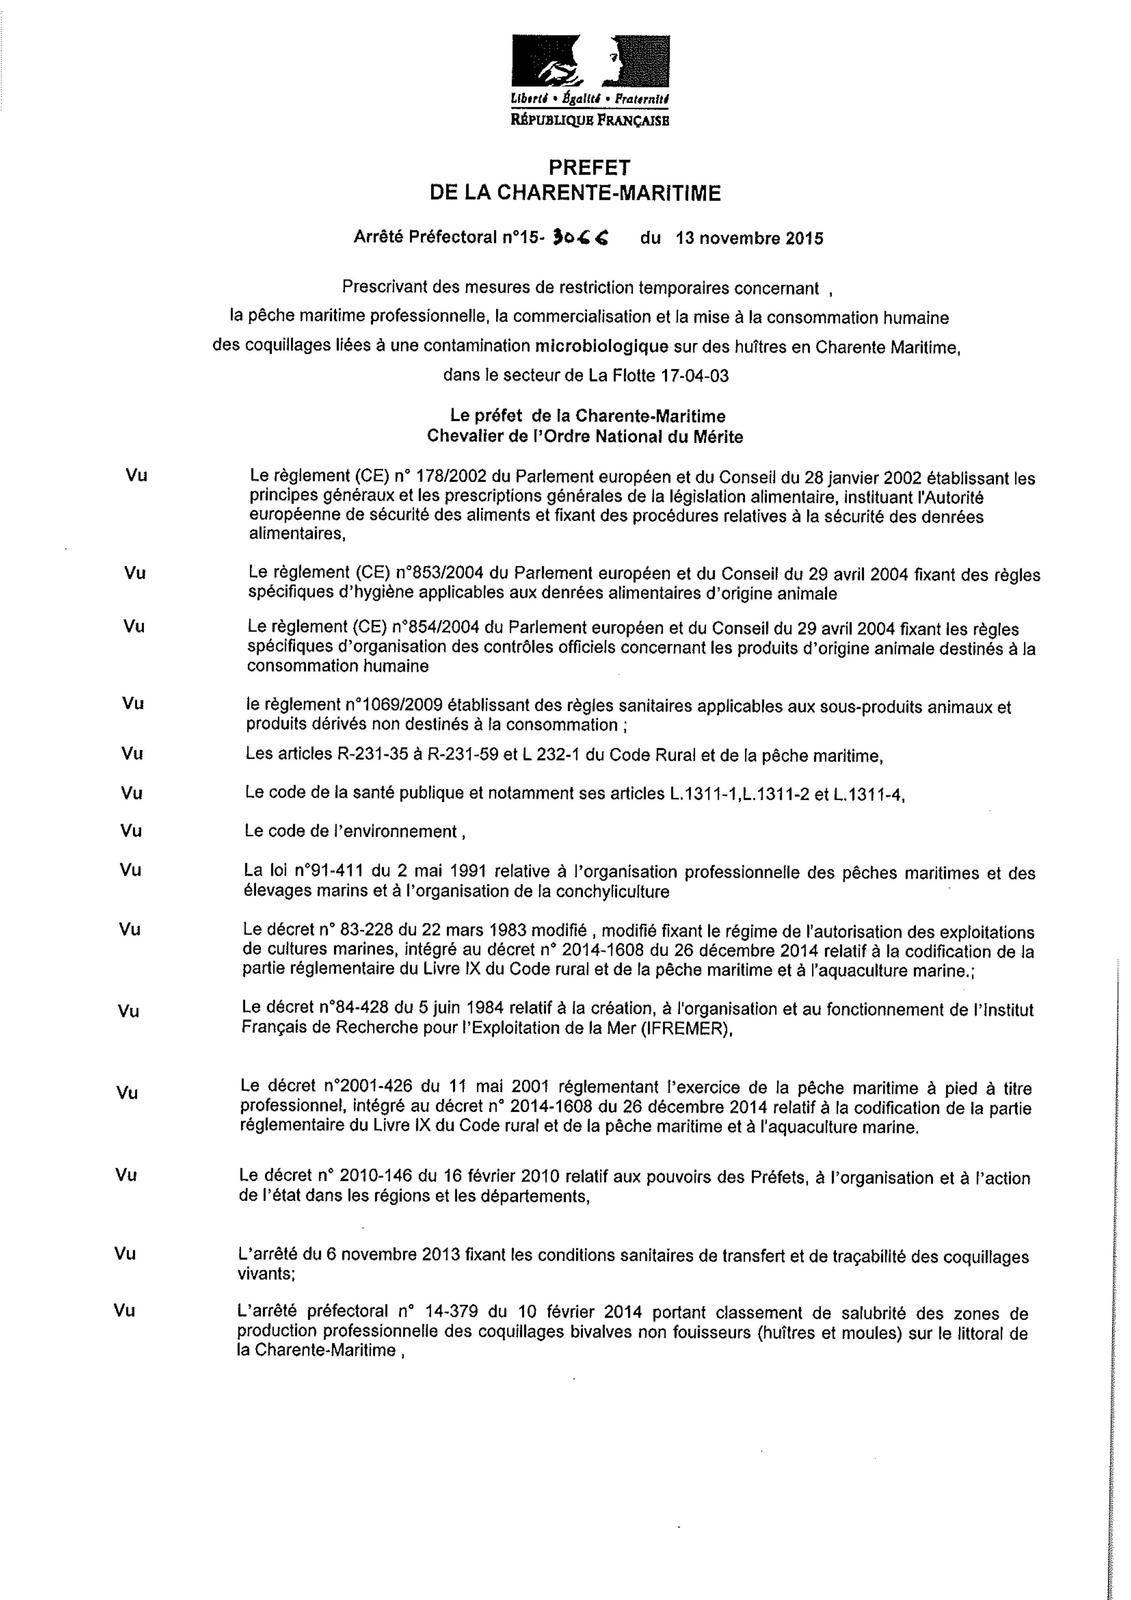 Arrêté Préfectoral du 13 novembre 2015